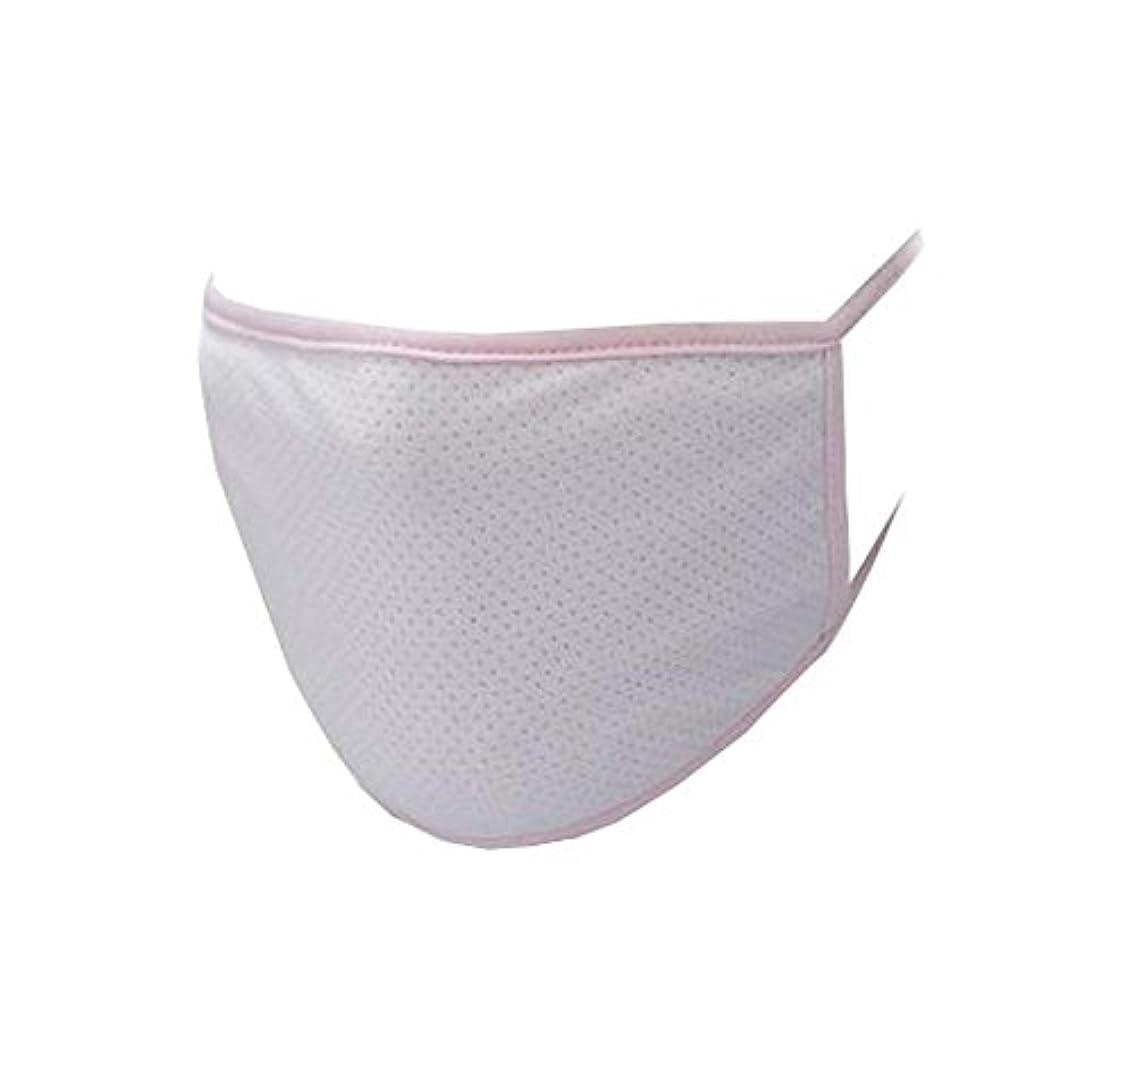 支配的馬力遺伝子口マスク、再使用可能フィルター - 埃、花粉、アレルゲン、抗UV、およびインフルエンザ菌 - D